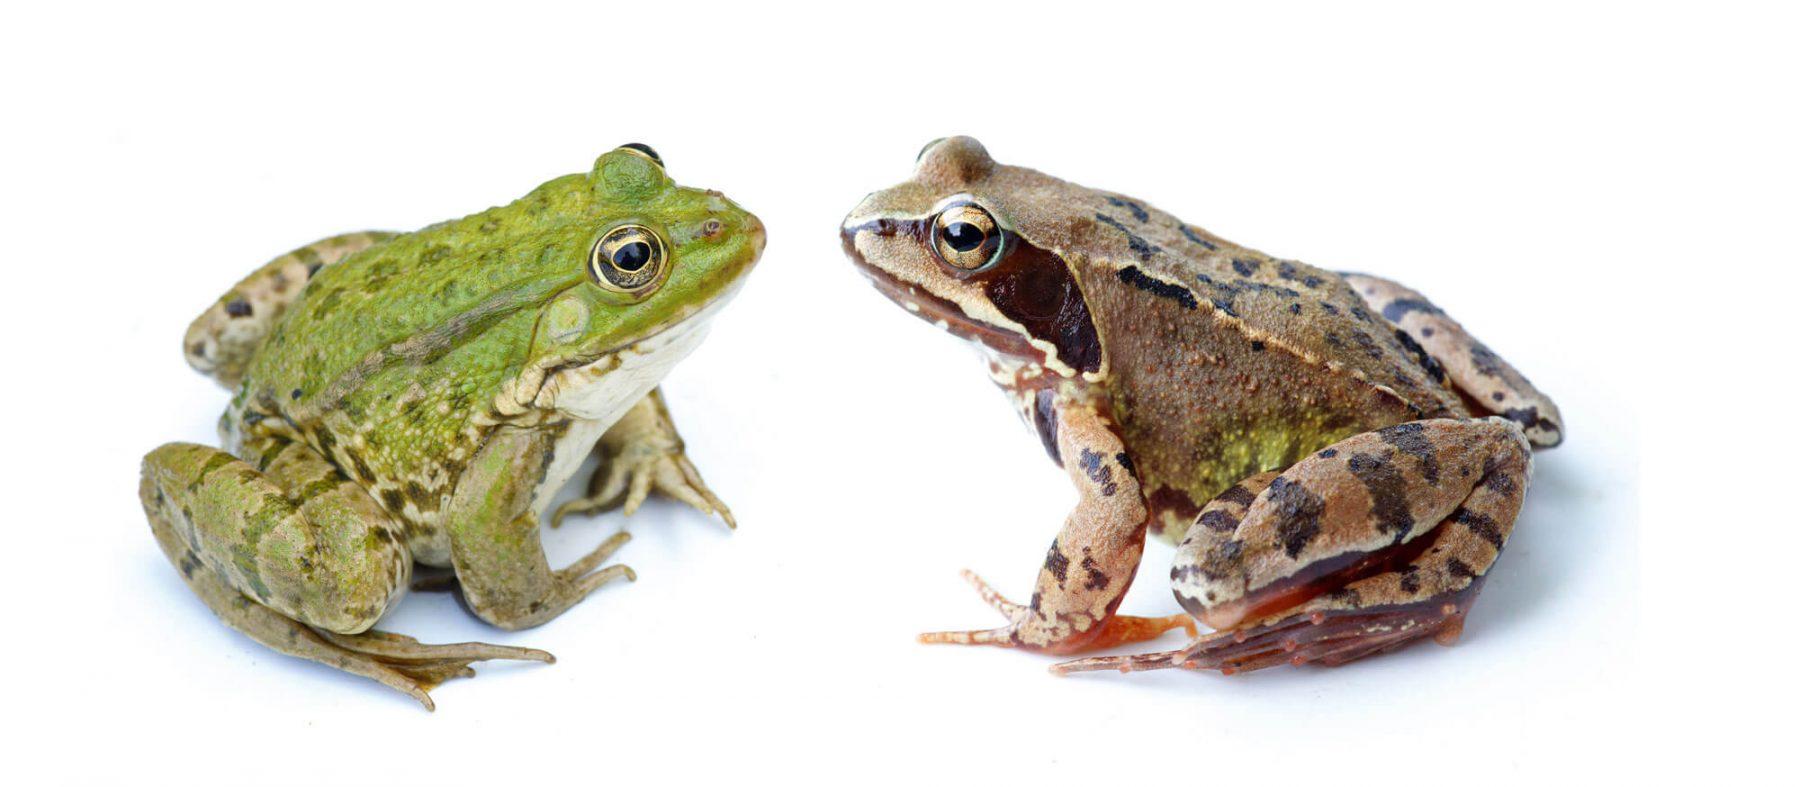 Oh les belles grenouilles brunes la salamandre - Dessin de grenouille verte ...